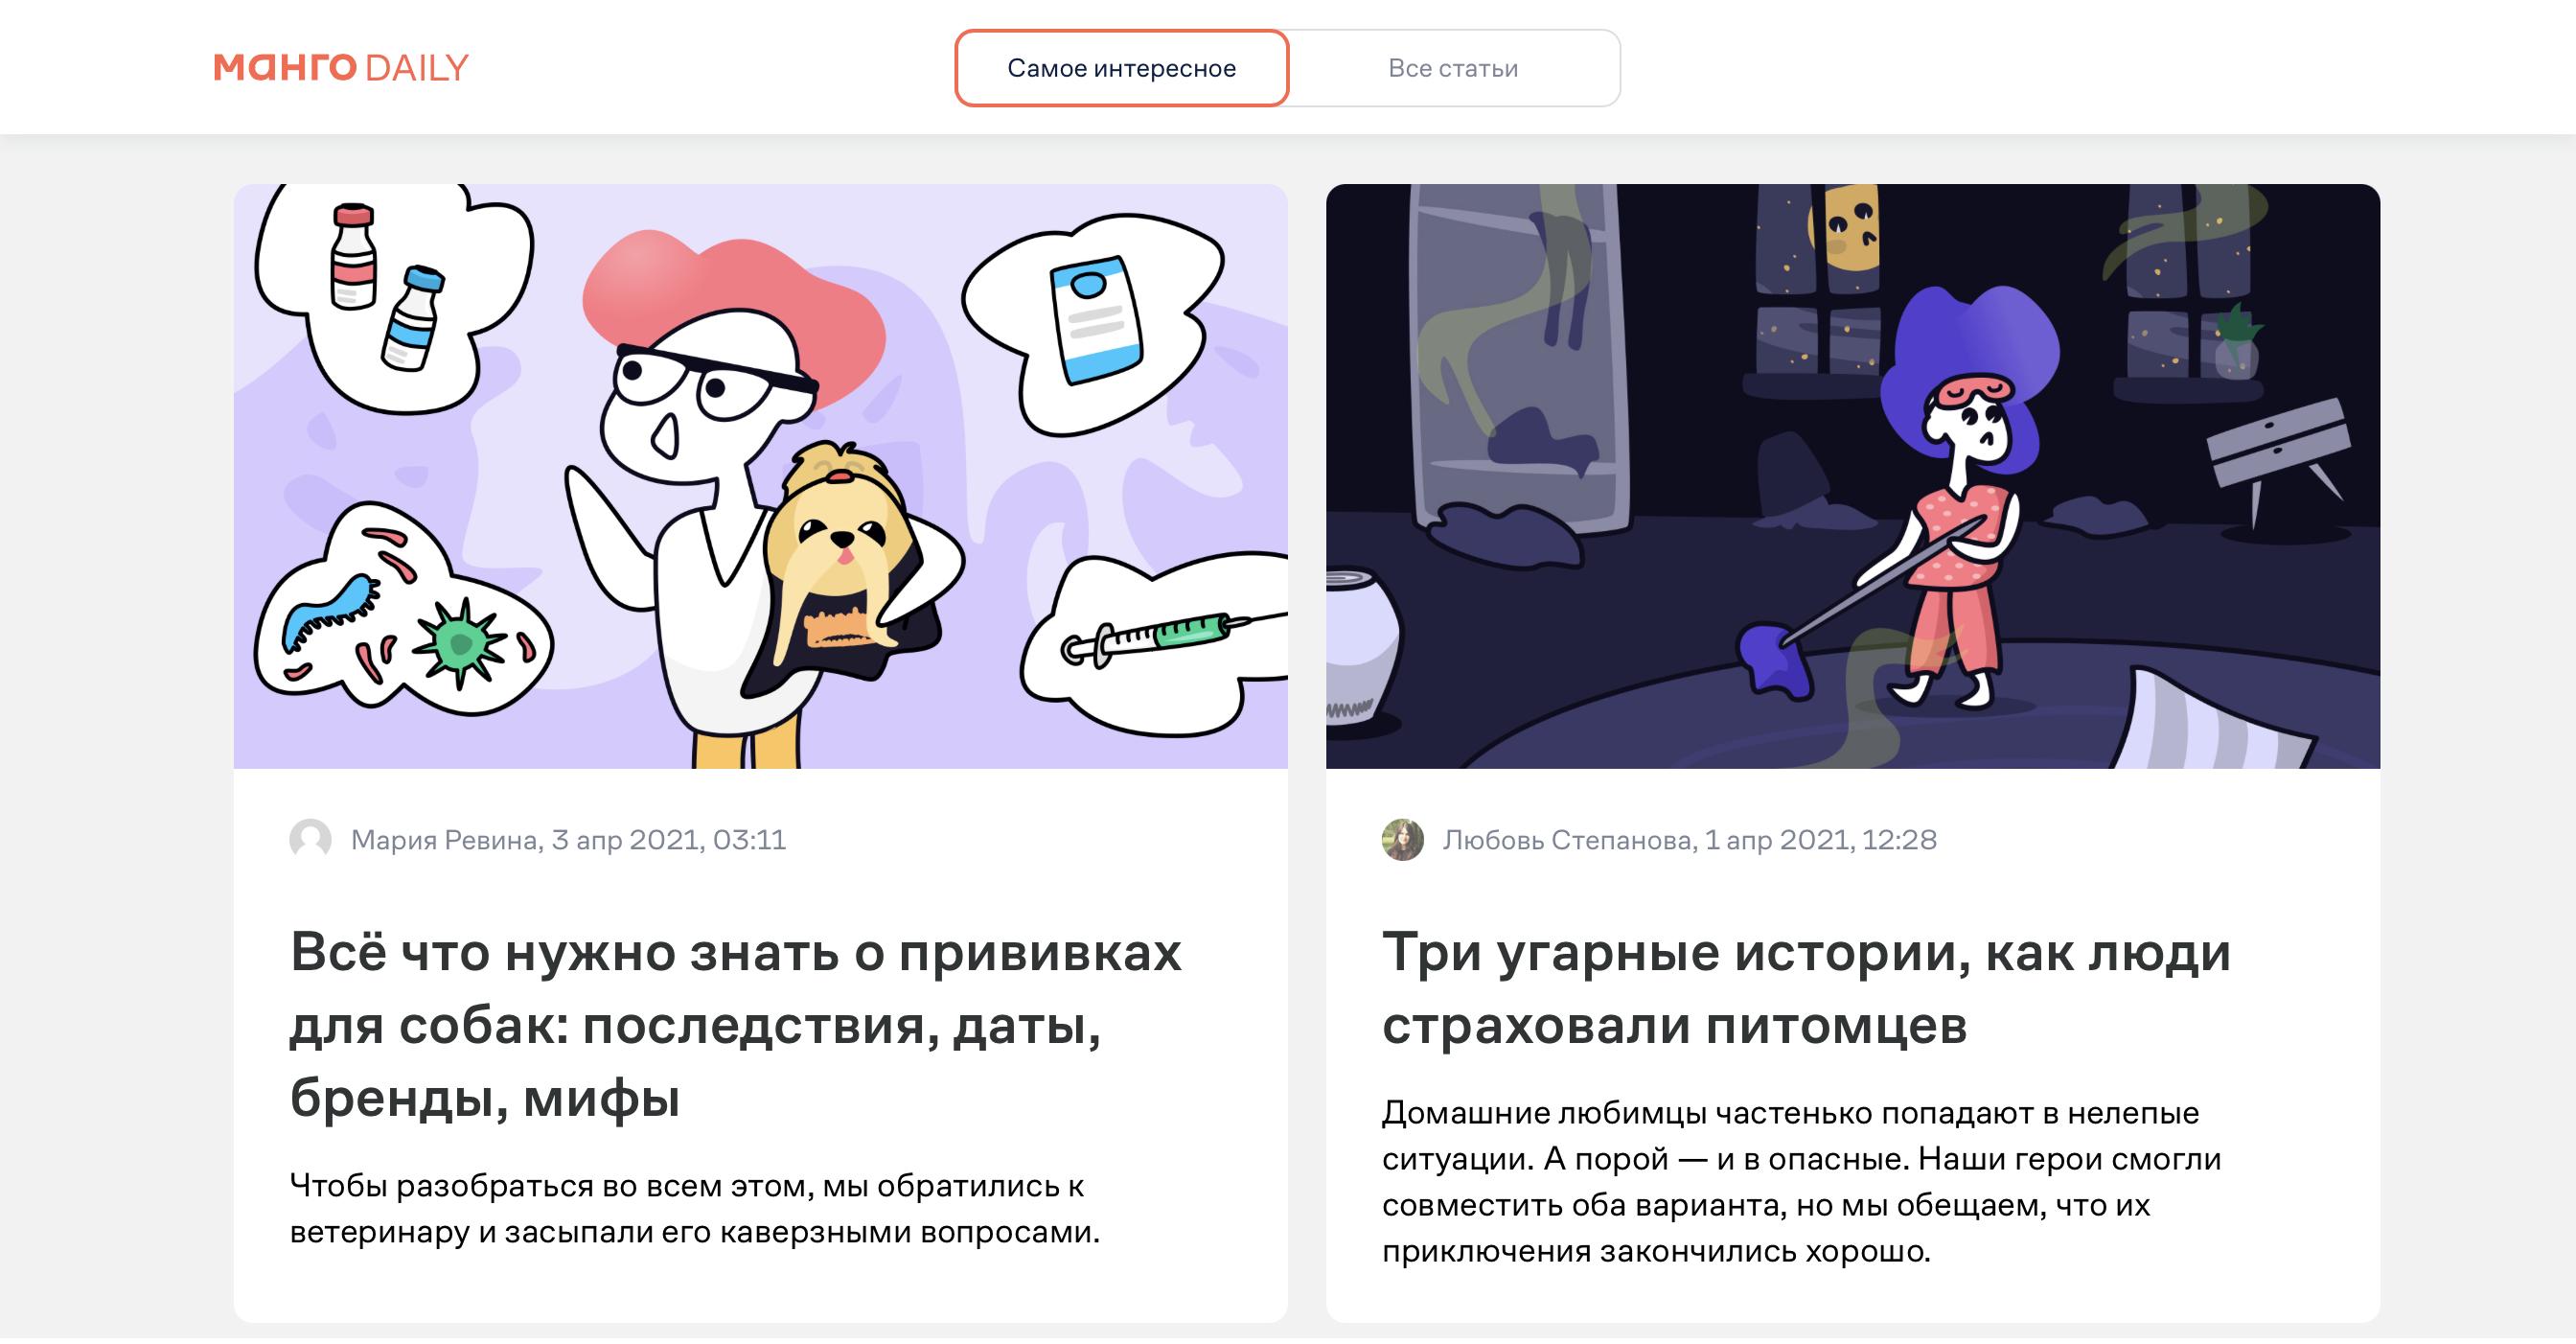 Российский иншуртех: Мафин и Манго страхование (1 часть)